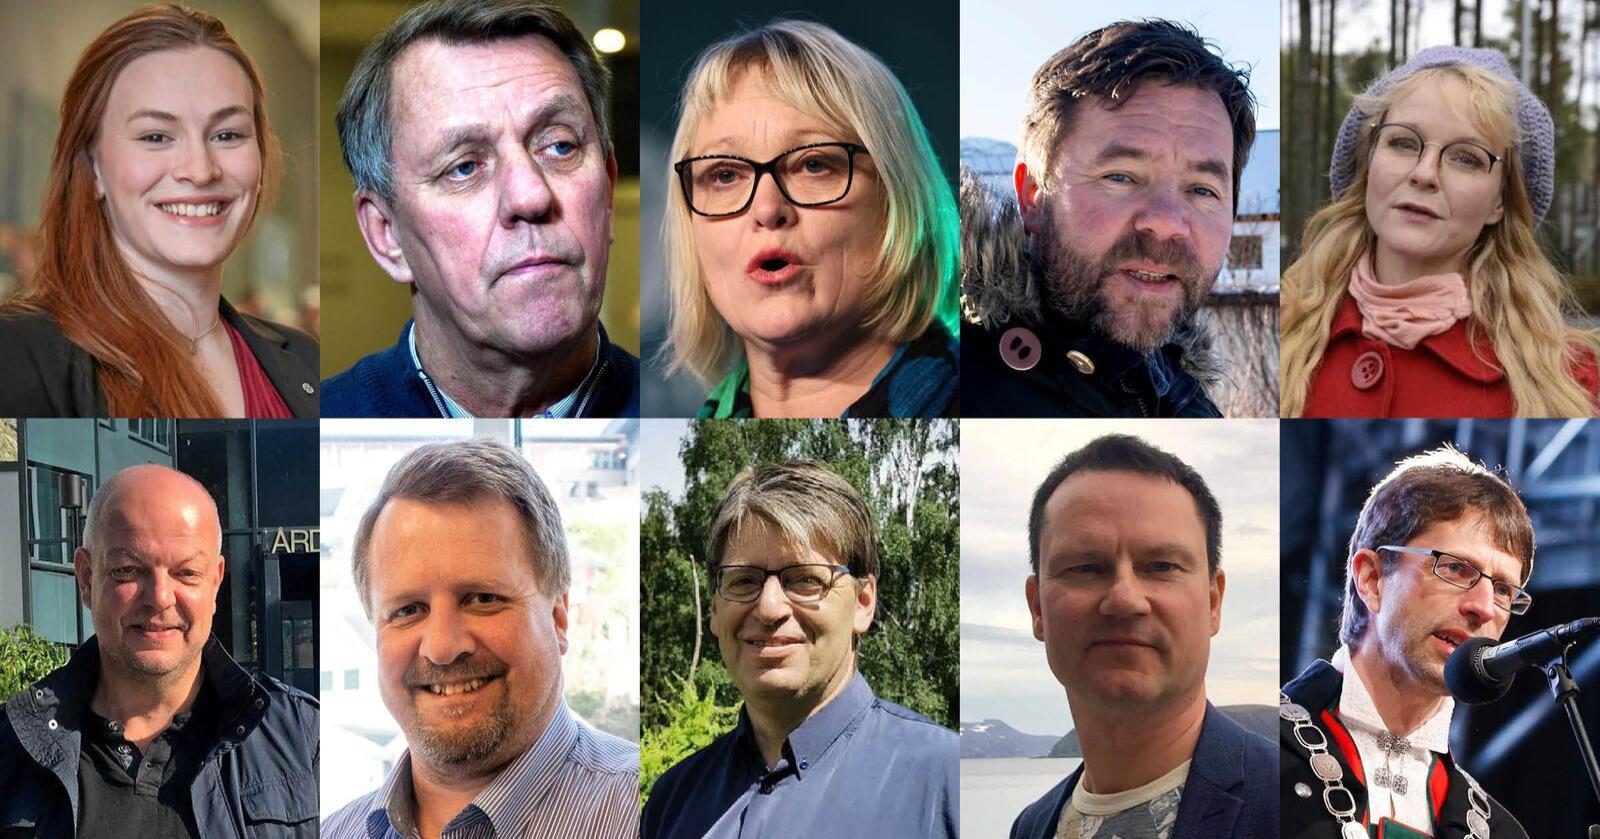 8 av 10 ordførere støtter bondeopprøret i en kartlegging Nationen har gjort. Øvre rekke fra venstre: Viel Jaren Heitmann (Sp), ordfører i Rollag, Gunnar Wilhelmsen, ordfører i Tromsø (Ap), Lena Landsverk Sande, ordfører i Vanylven (V), Hans Petter Torbjørnsen, ordfører i Ulvik (Ap) og Mona Vauger, ordfører i Hvaler (Ap). Andre rekke, fra venstre: Hilmar Høl, ordfører i Årdal (Ap), Torbjørn Klungland, ordfører i Flekkefjord (Frp), Ola Tore Dokken, ordfører i Nordre Land (Sp), Jan Olsen, ordfører i Nordkapp (SV) og Hans-Erik Ringkjøb, ordfører i Voss (Ap). Montasje: Jarand Ullestad. Foto: NTB Scanpix, Nordre land kommune, Senterpartiet, Nationen, privat.